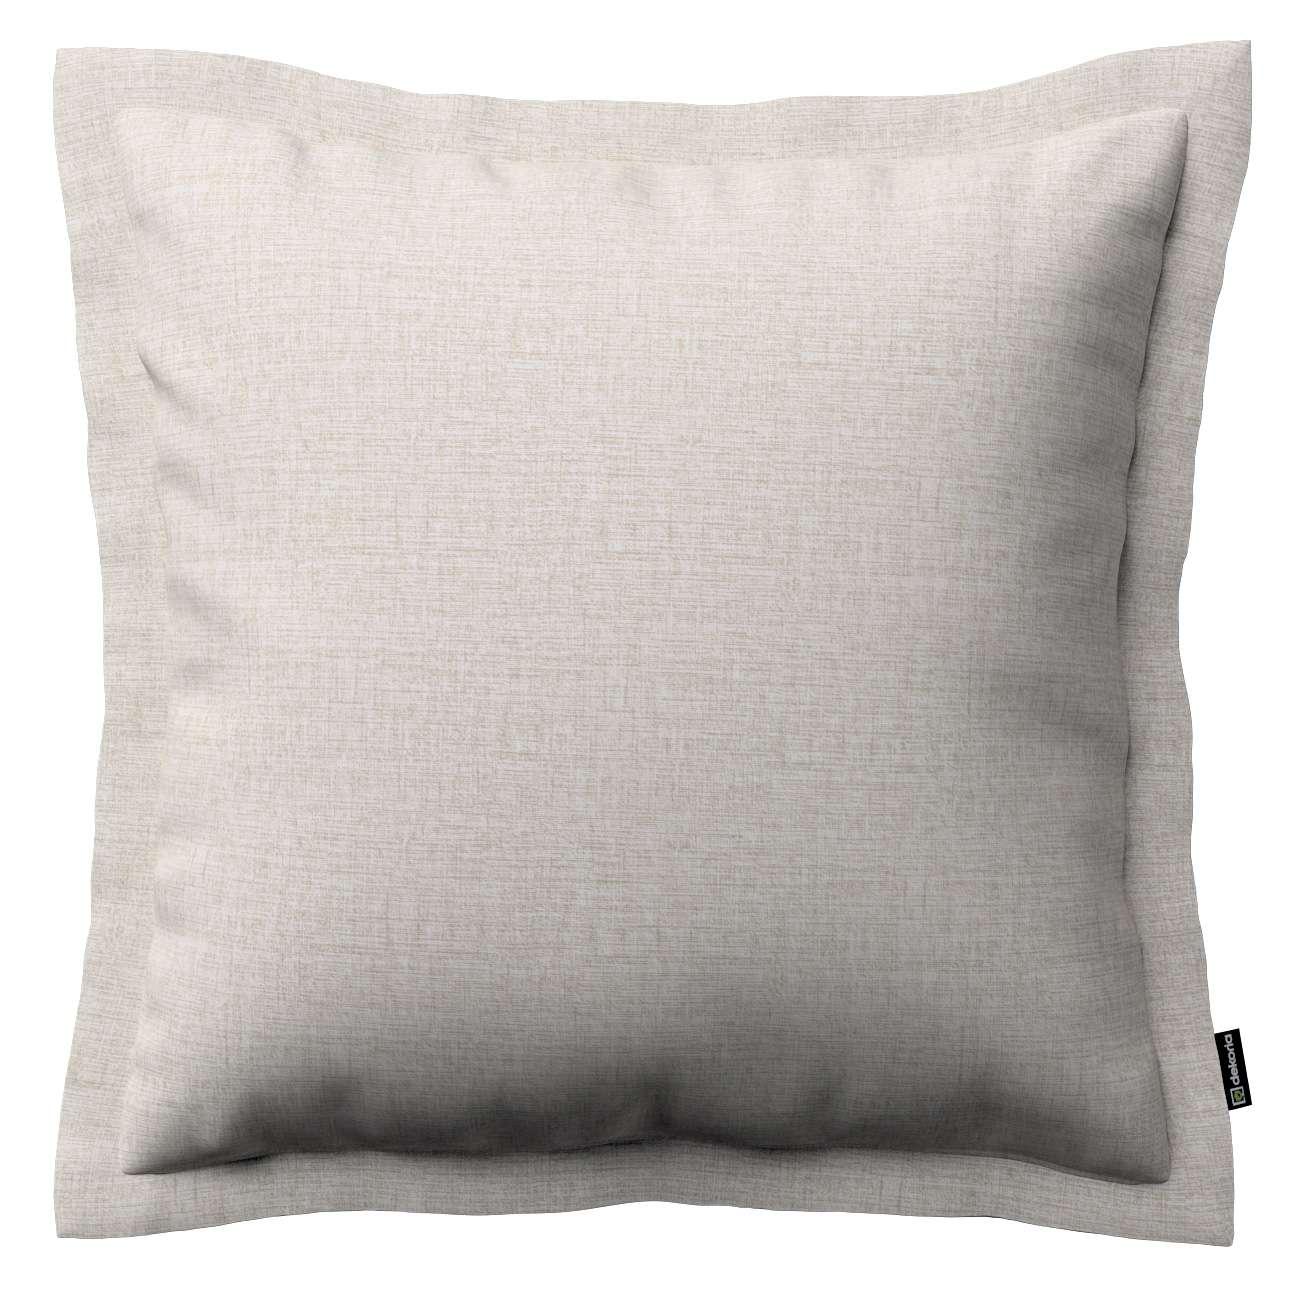 Poszewka Mona na poduszkę w kolekcji Living, tkanina: 161-00